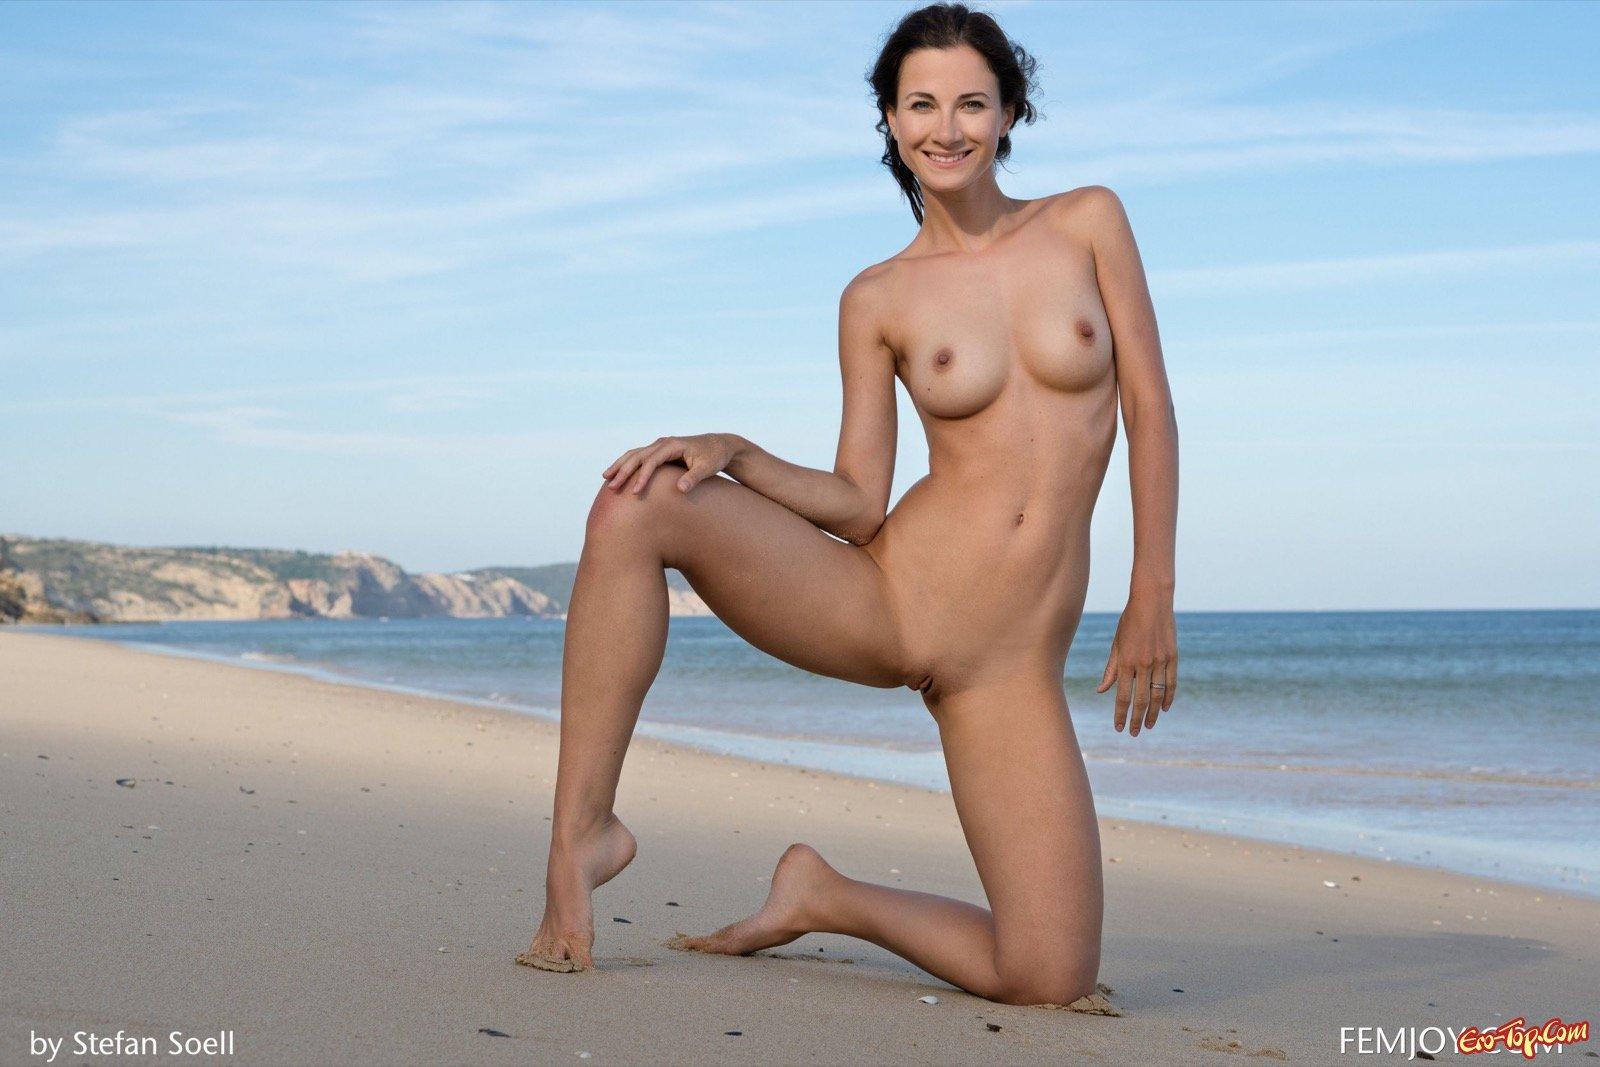 Раздетая баба обнажила сексапильное тело на песке